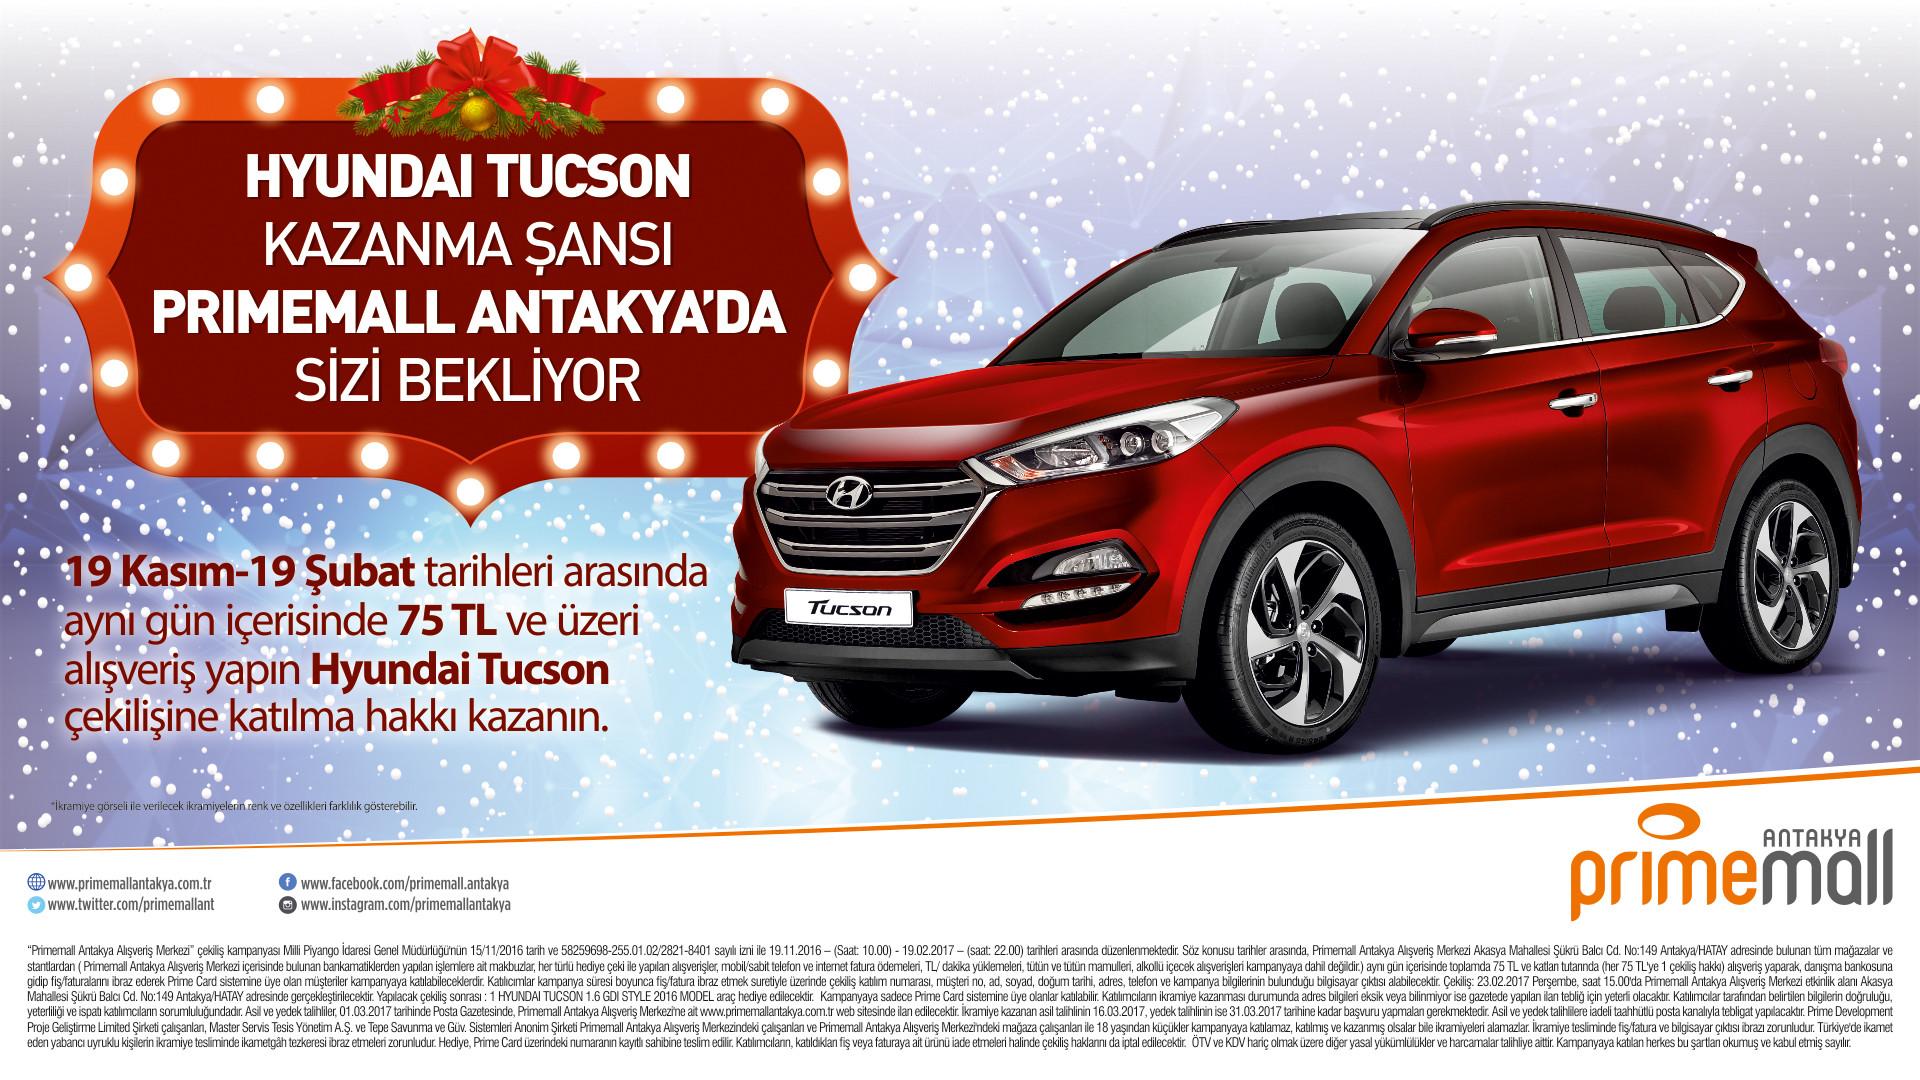 Hyundai Tucson Kazanma Şansı Primemall Antakya'da Sizi Bekliyor